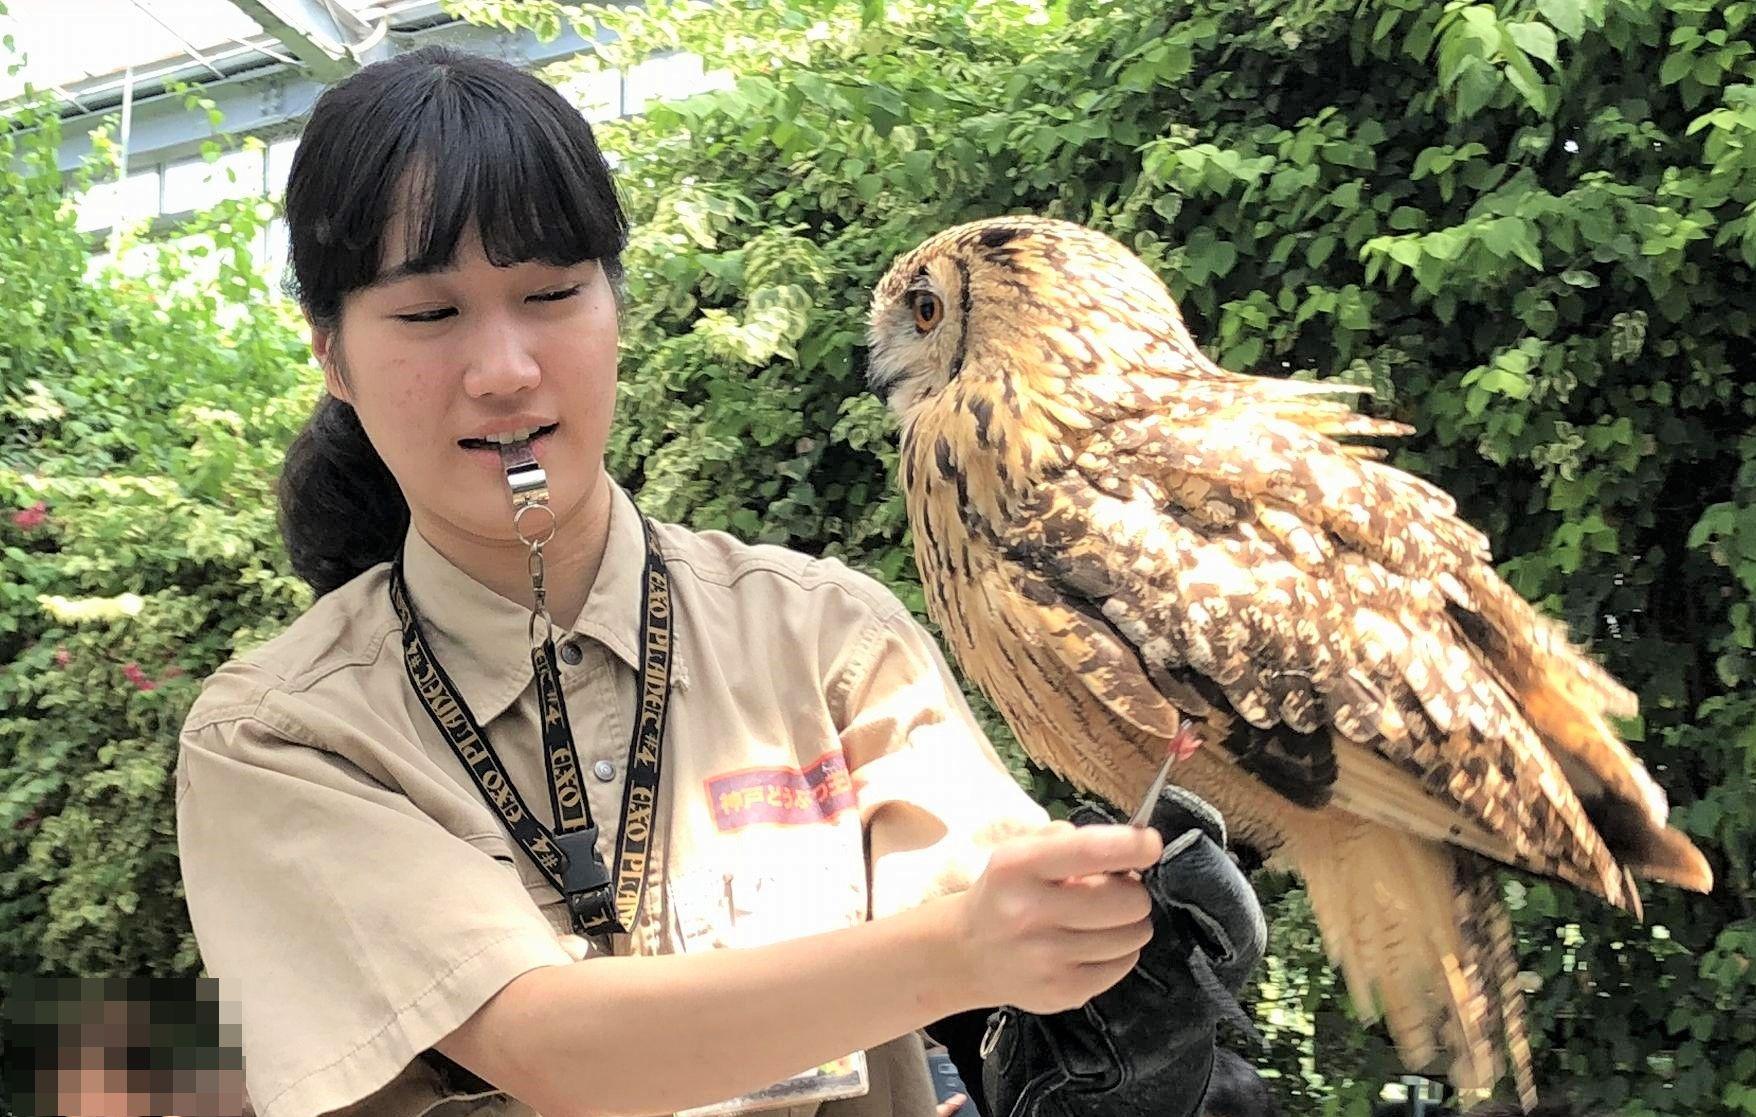 夏休みに「神戸どうぶつ王国(旧神戸花鳥園)」へ行ってきた! #神戸どうぶつ王国 #神戸花鳥園 #ポートアイランド #神戸観光 #動物ふれあい #テーマパーク